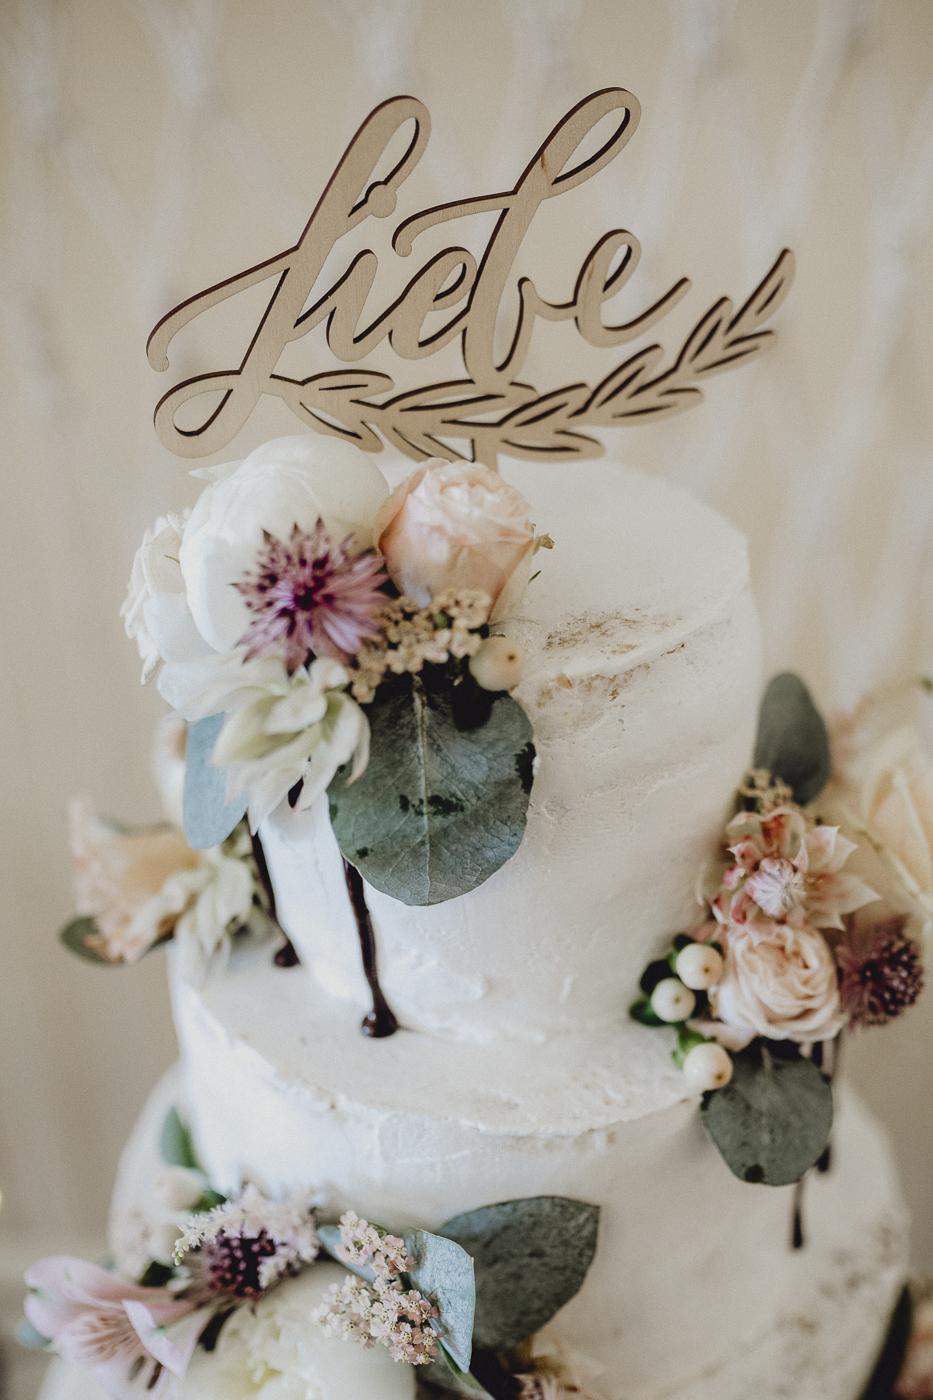 Cake Topper Hochzeit, Cake Topper Liebe, Cake Topper Naturholz, Cake Topper Holz, Tortentopper Hochzeit, Tortenfigur Hochzeit